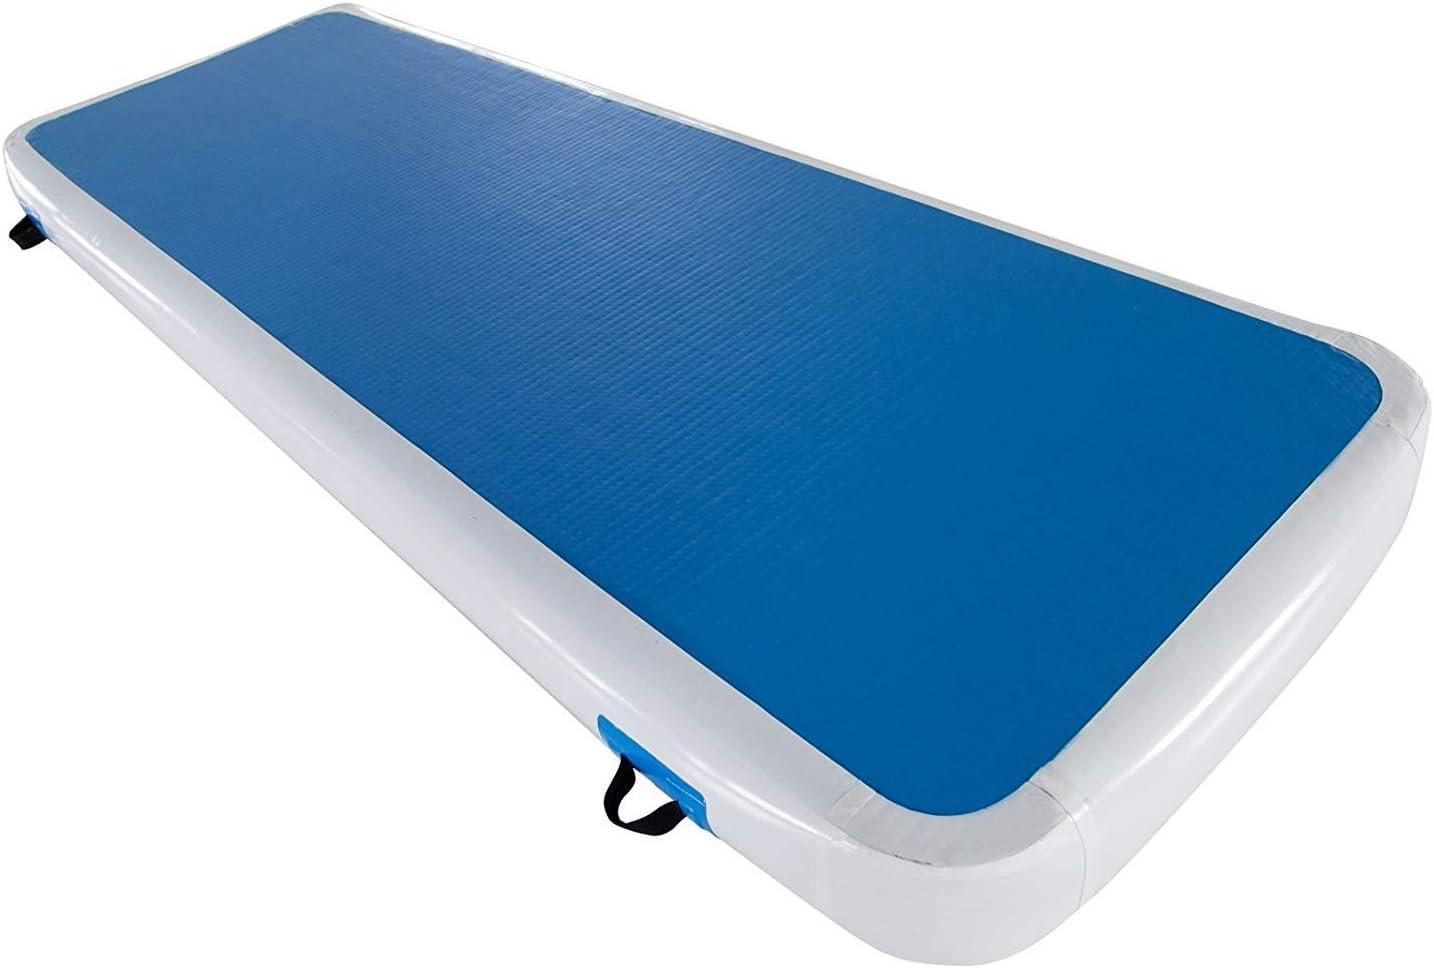 NFJMWM Tumbling Mat Gymnastique Gonflable Arts Martiaux Formation Yoga Mat Mat Sol Air Mat Piste 20cm /épais pour lexercice dentra/înement Gym,1/×0.6Mwithoutairpump